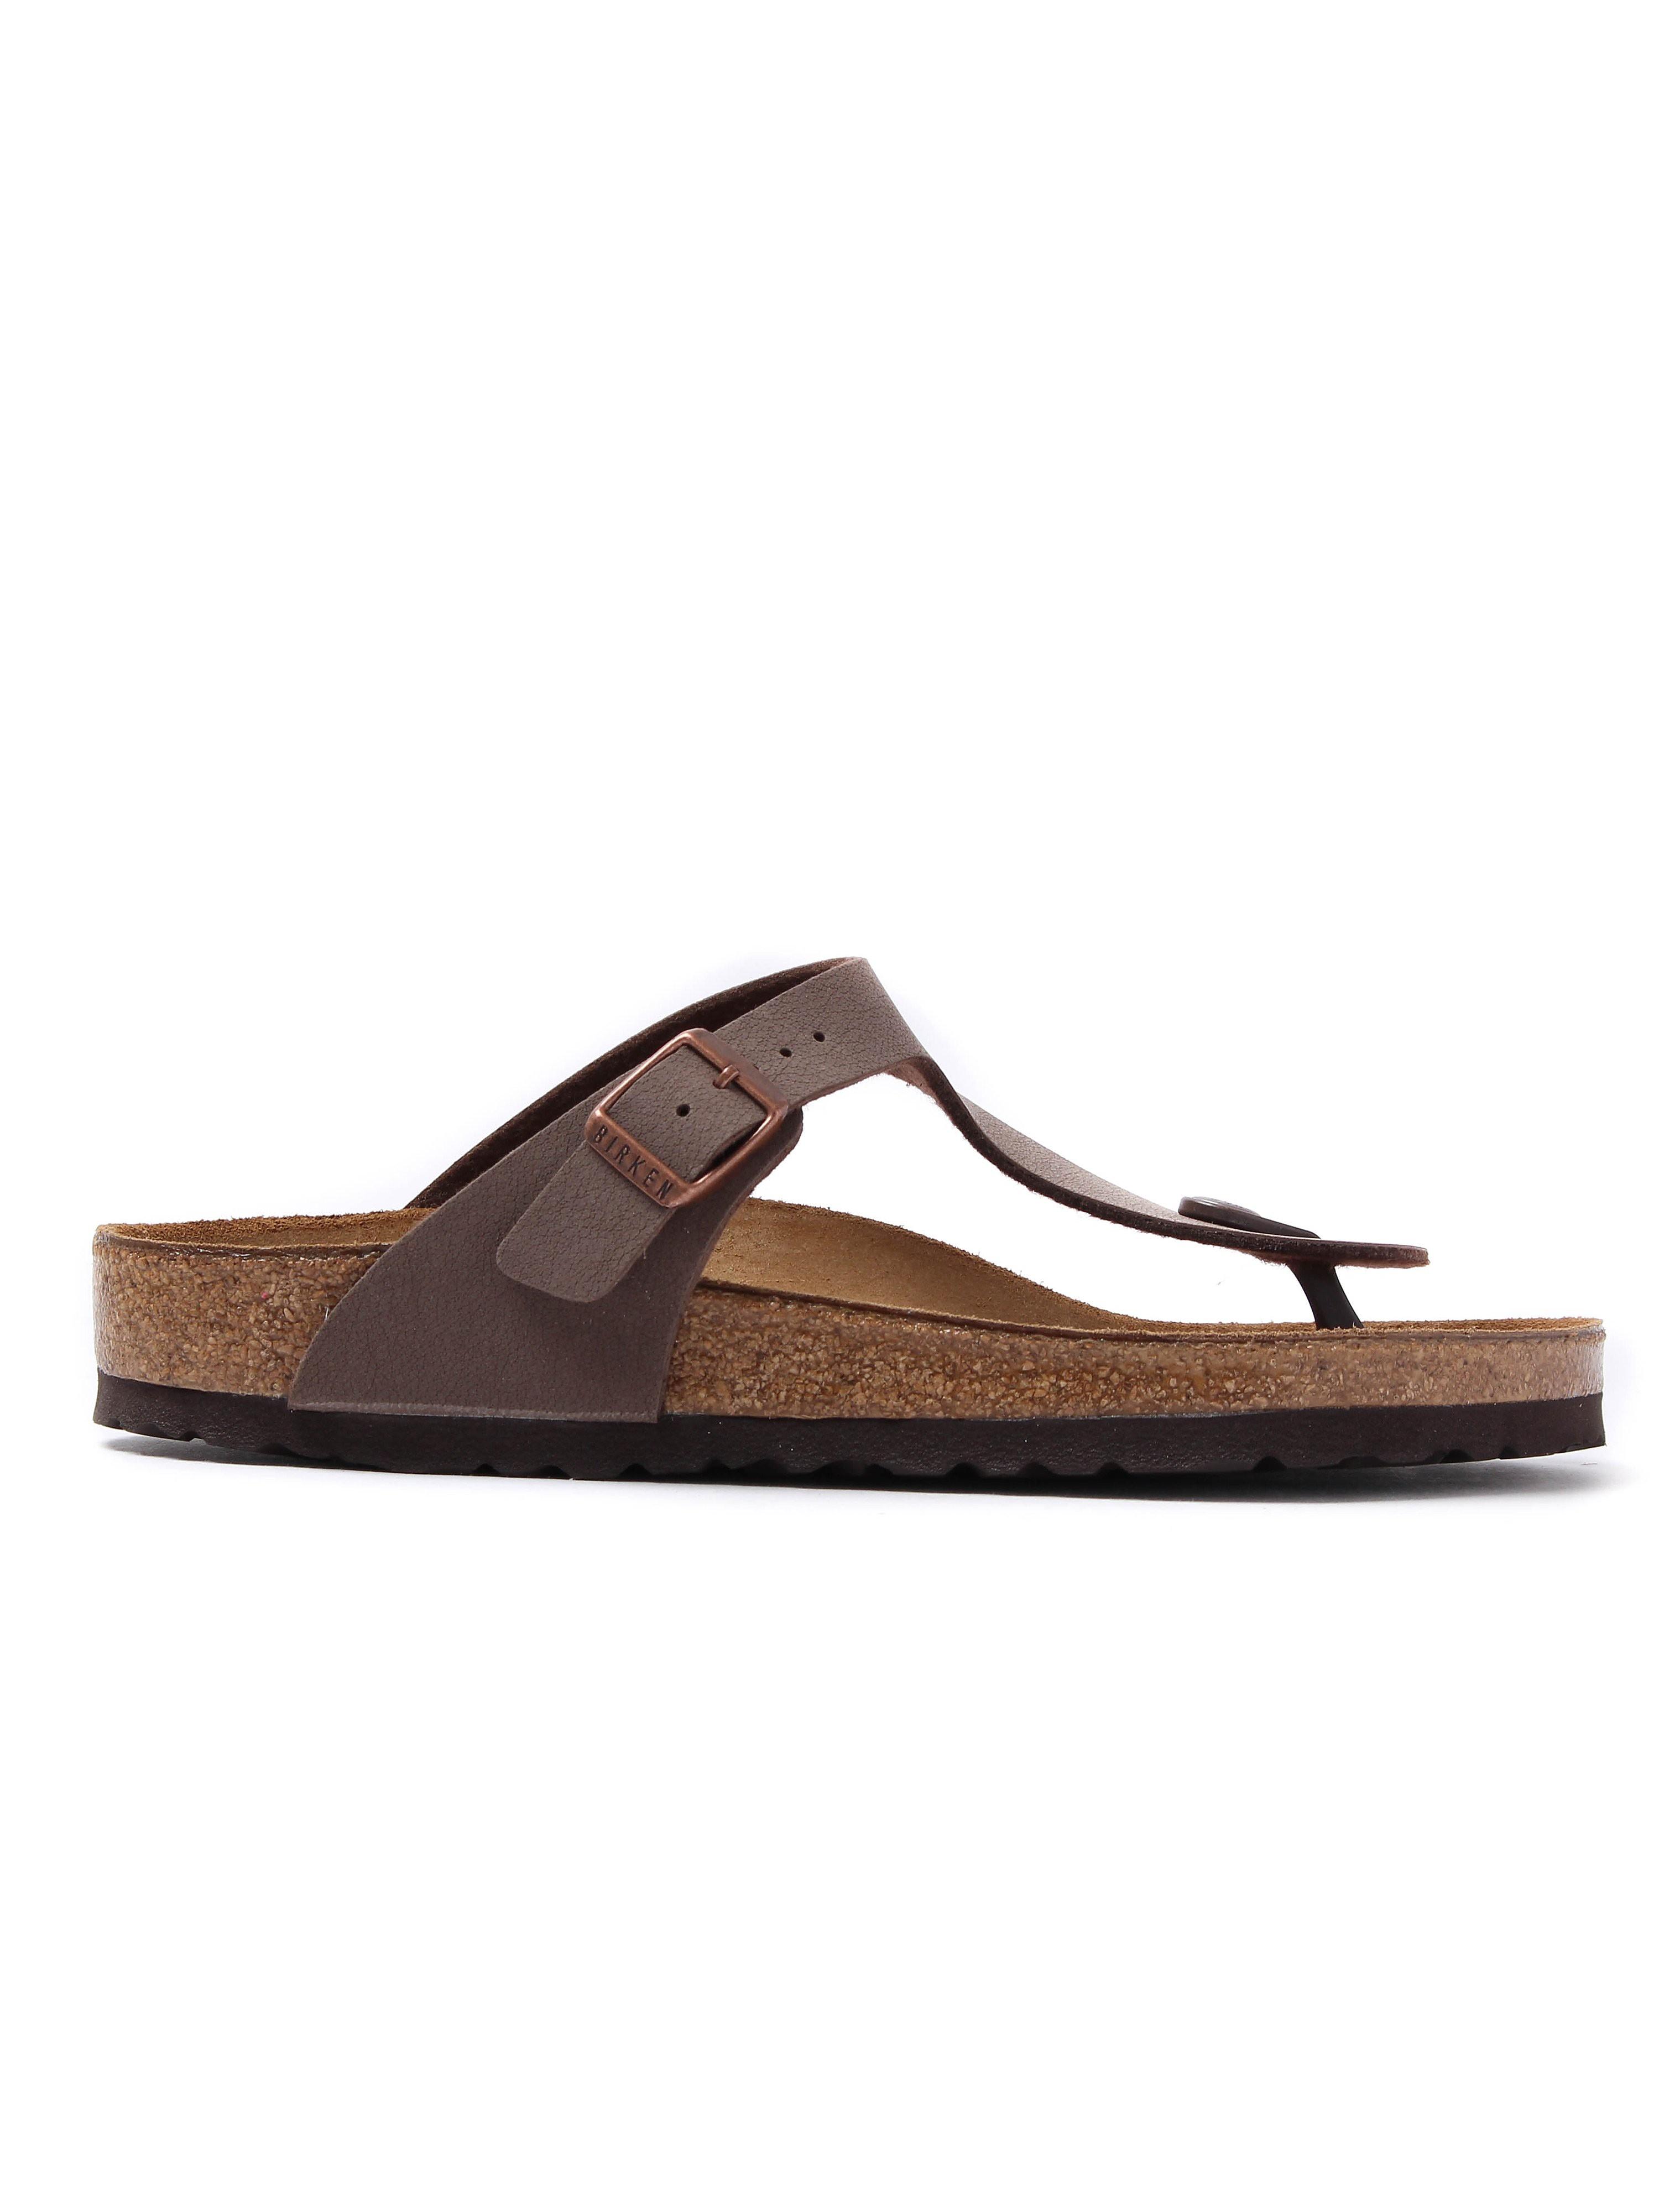 Birkenstock Women's Gizeh Toe Strap Sandals - Mocca